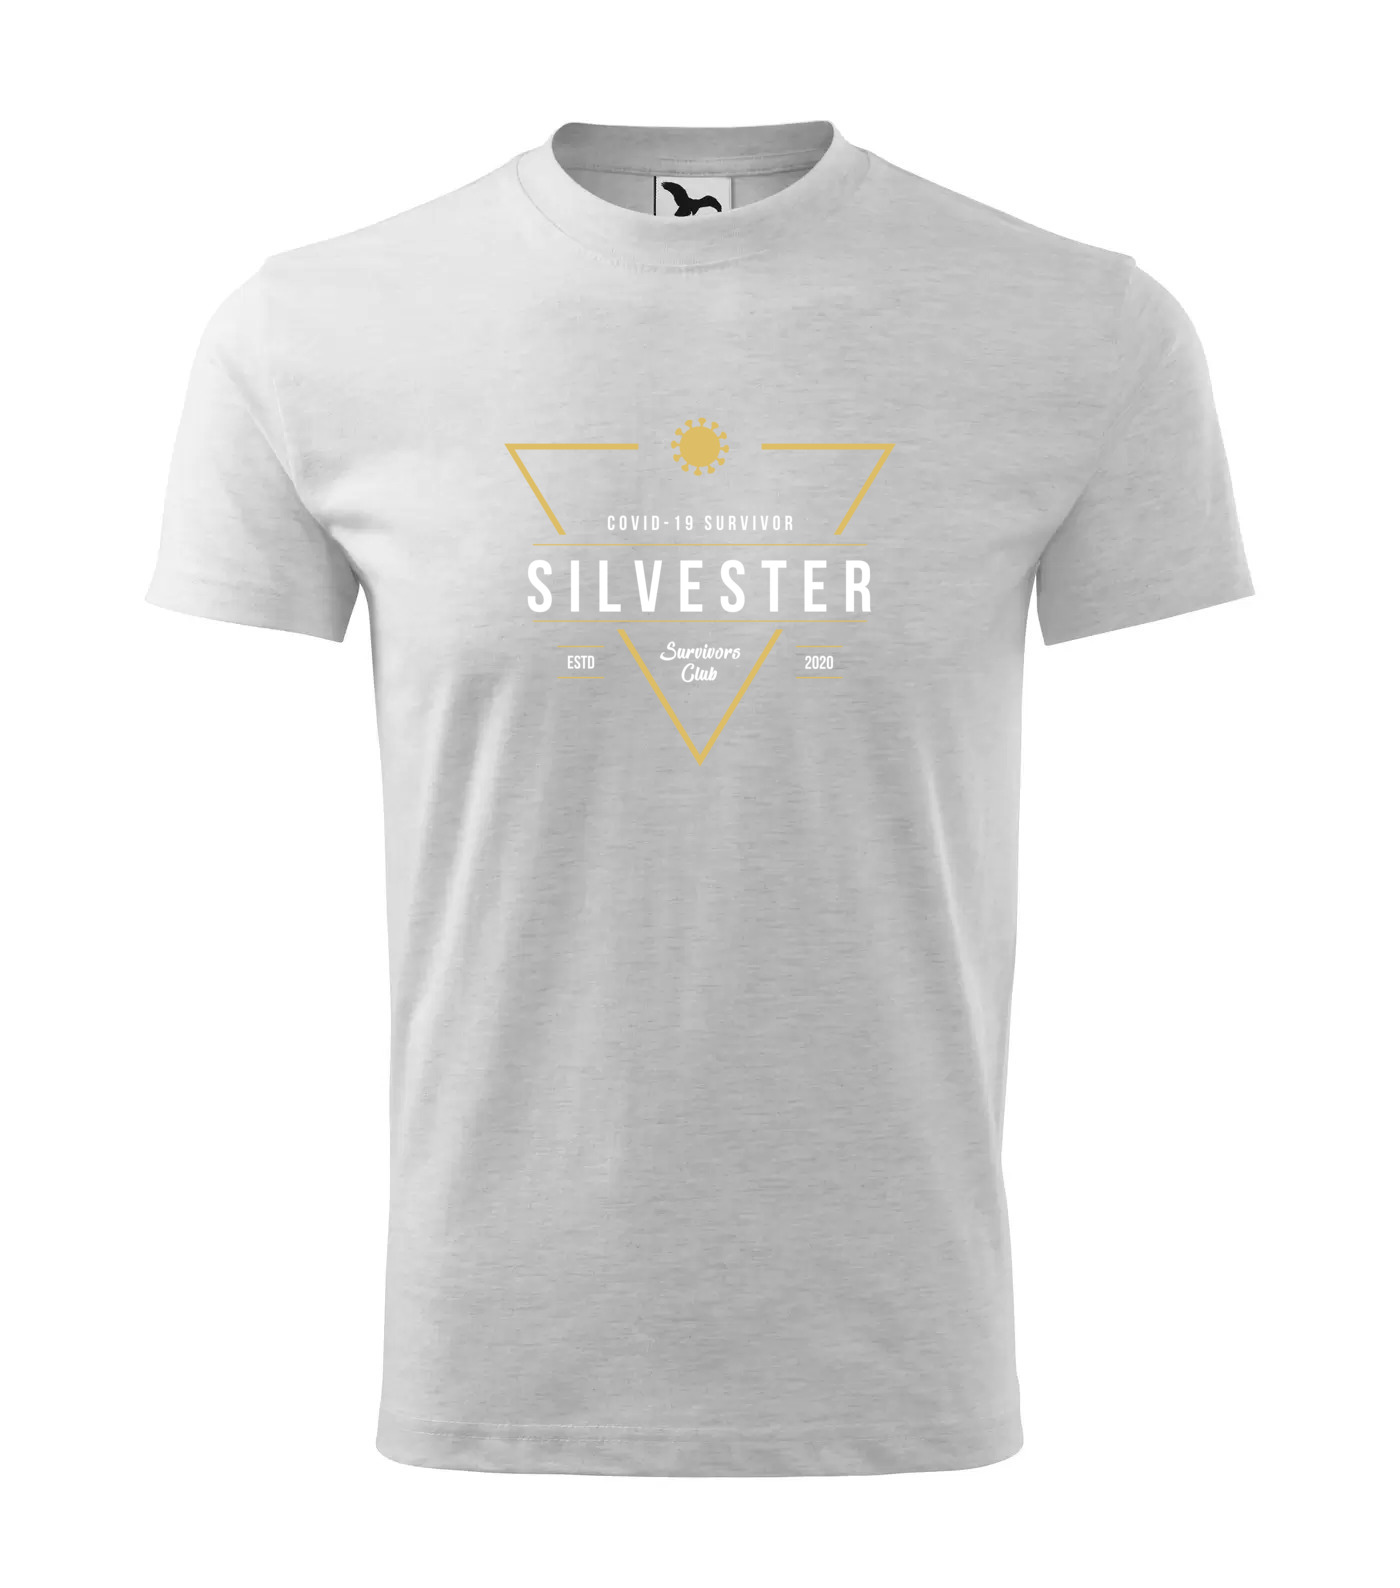 Tričko Survivor Club Silvester